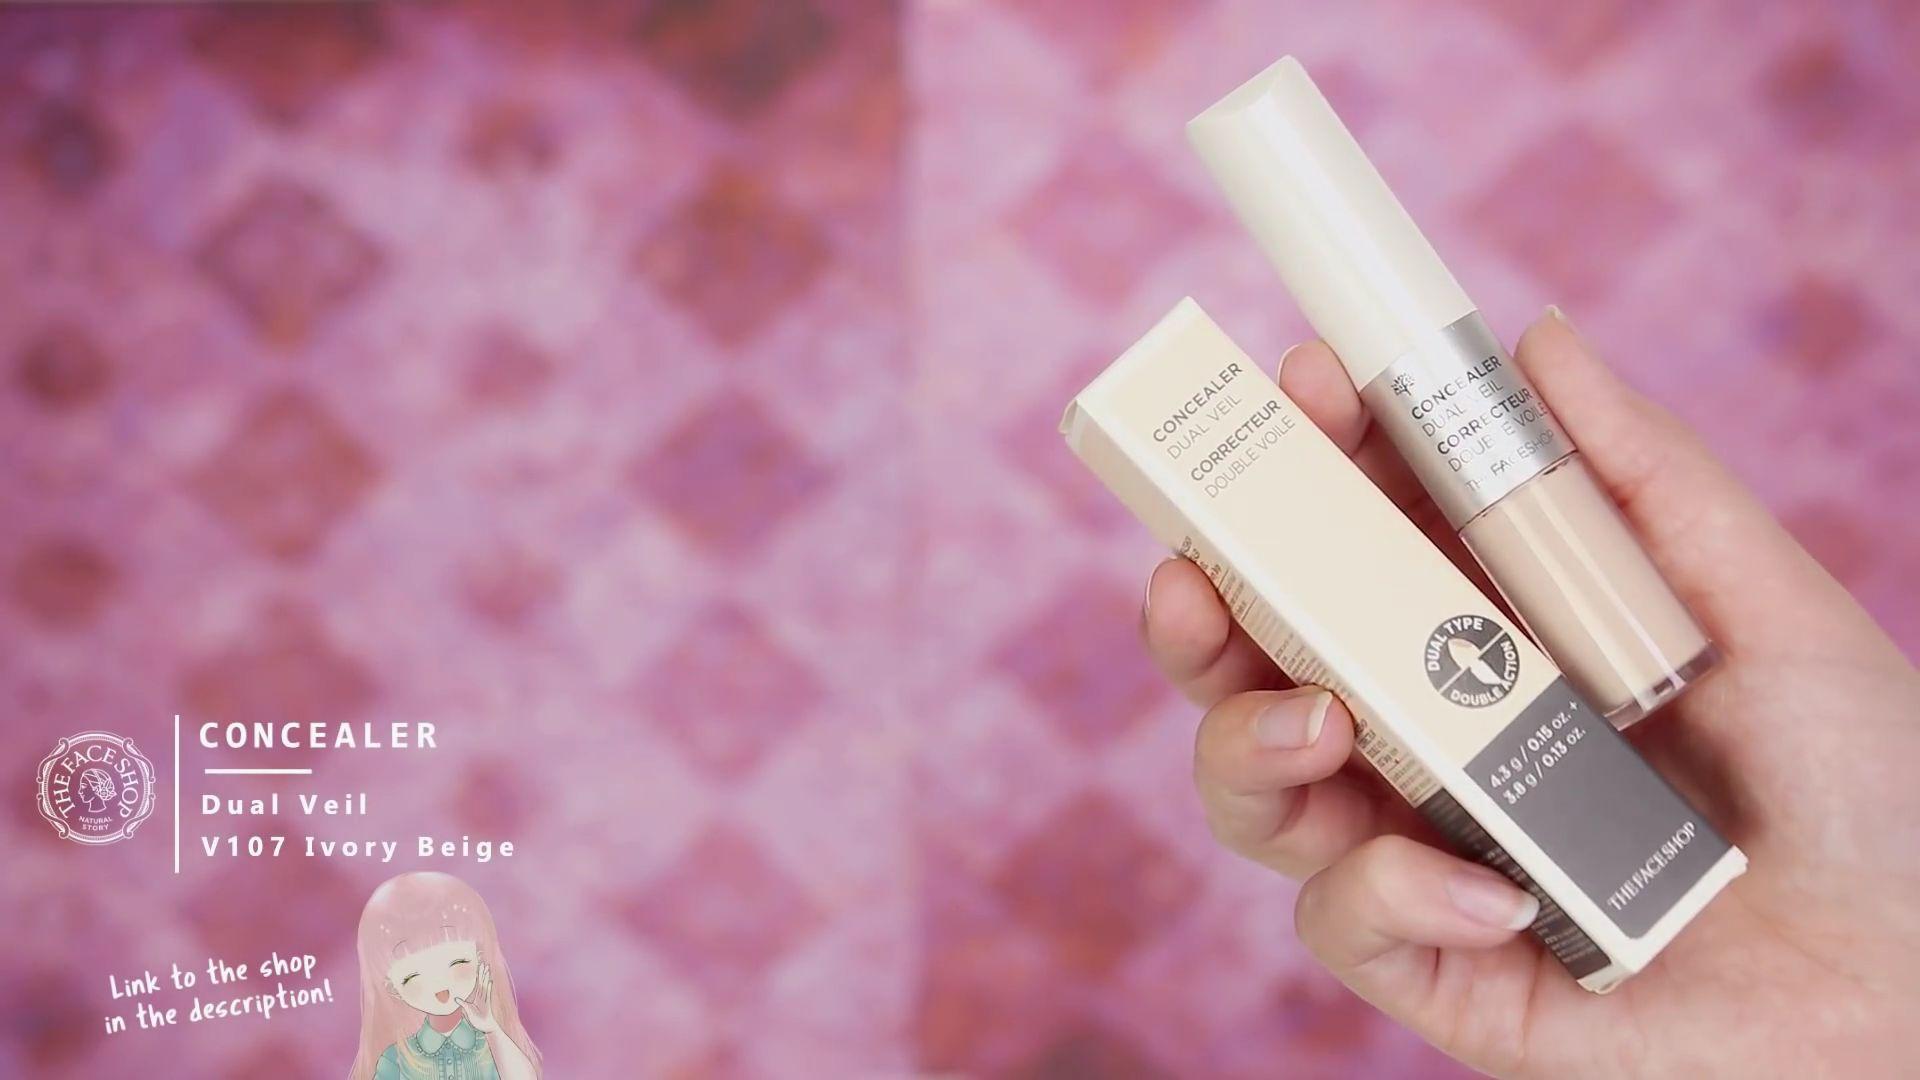 Misa Amane Cosplay DIY en 9 pasos: Concealer del color Dual Veil V107 Ivory Beige de la marca THE FACESHOP.